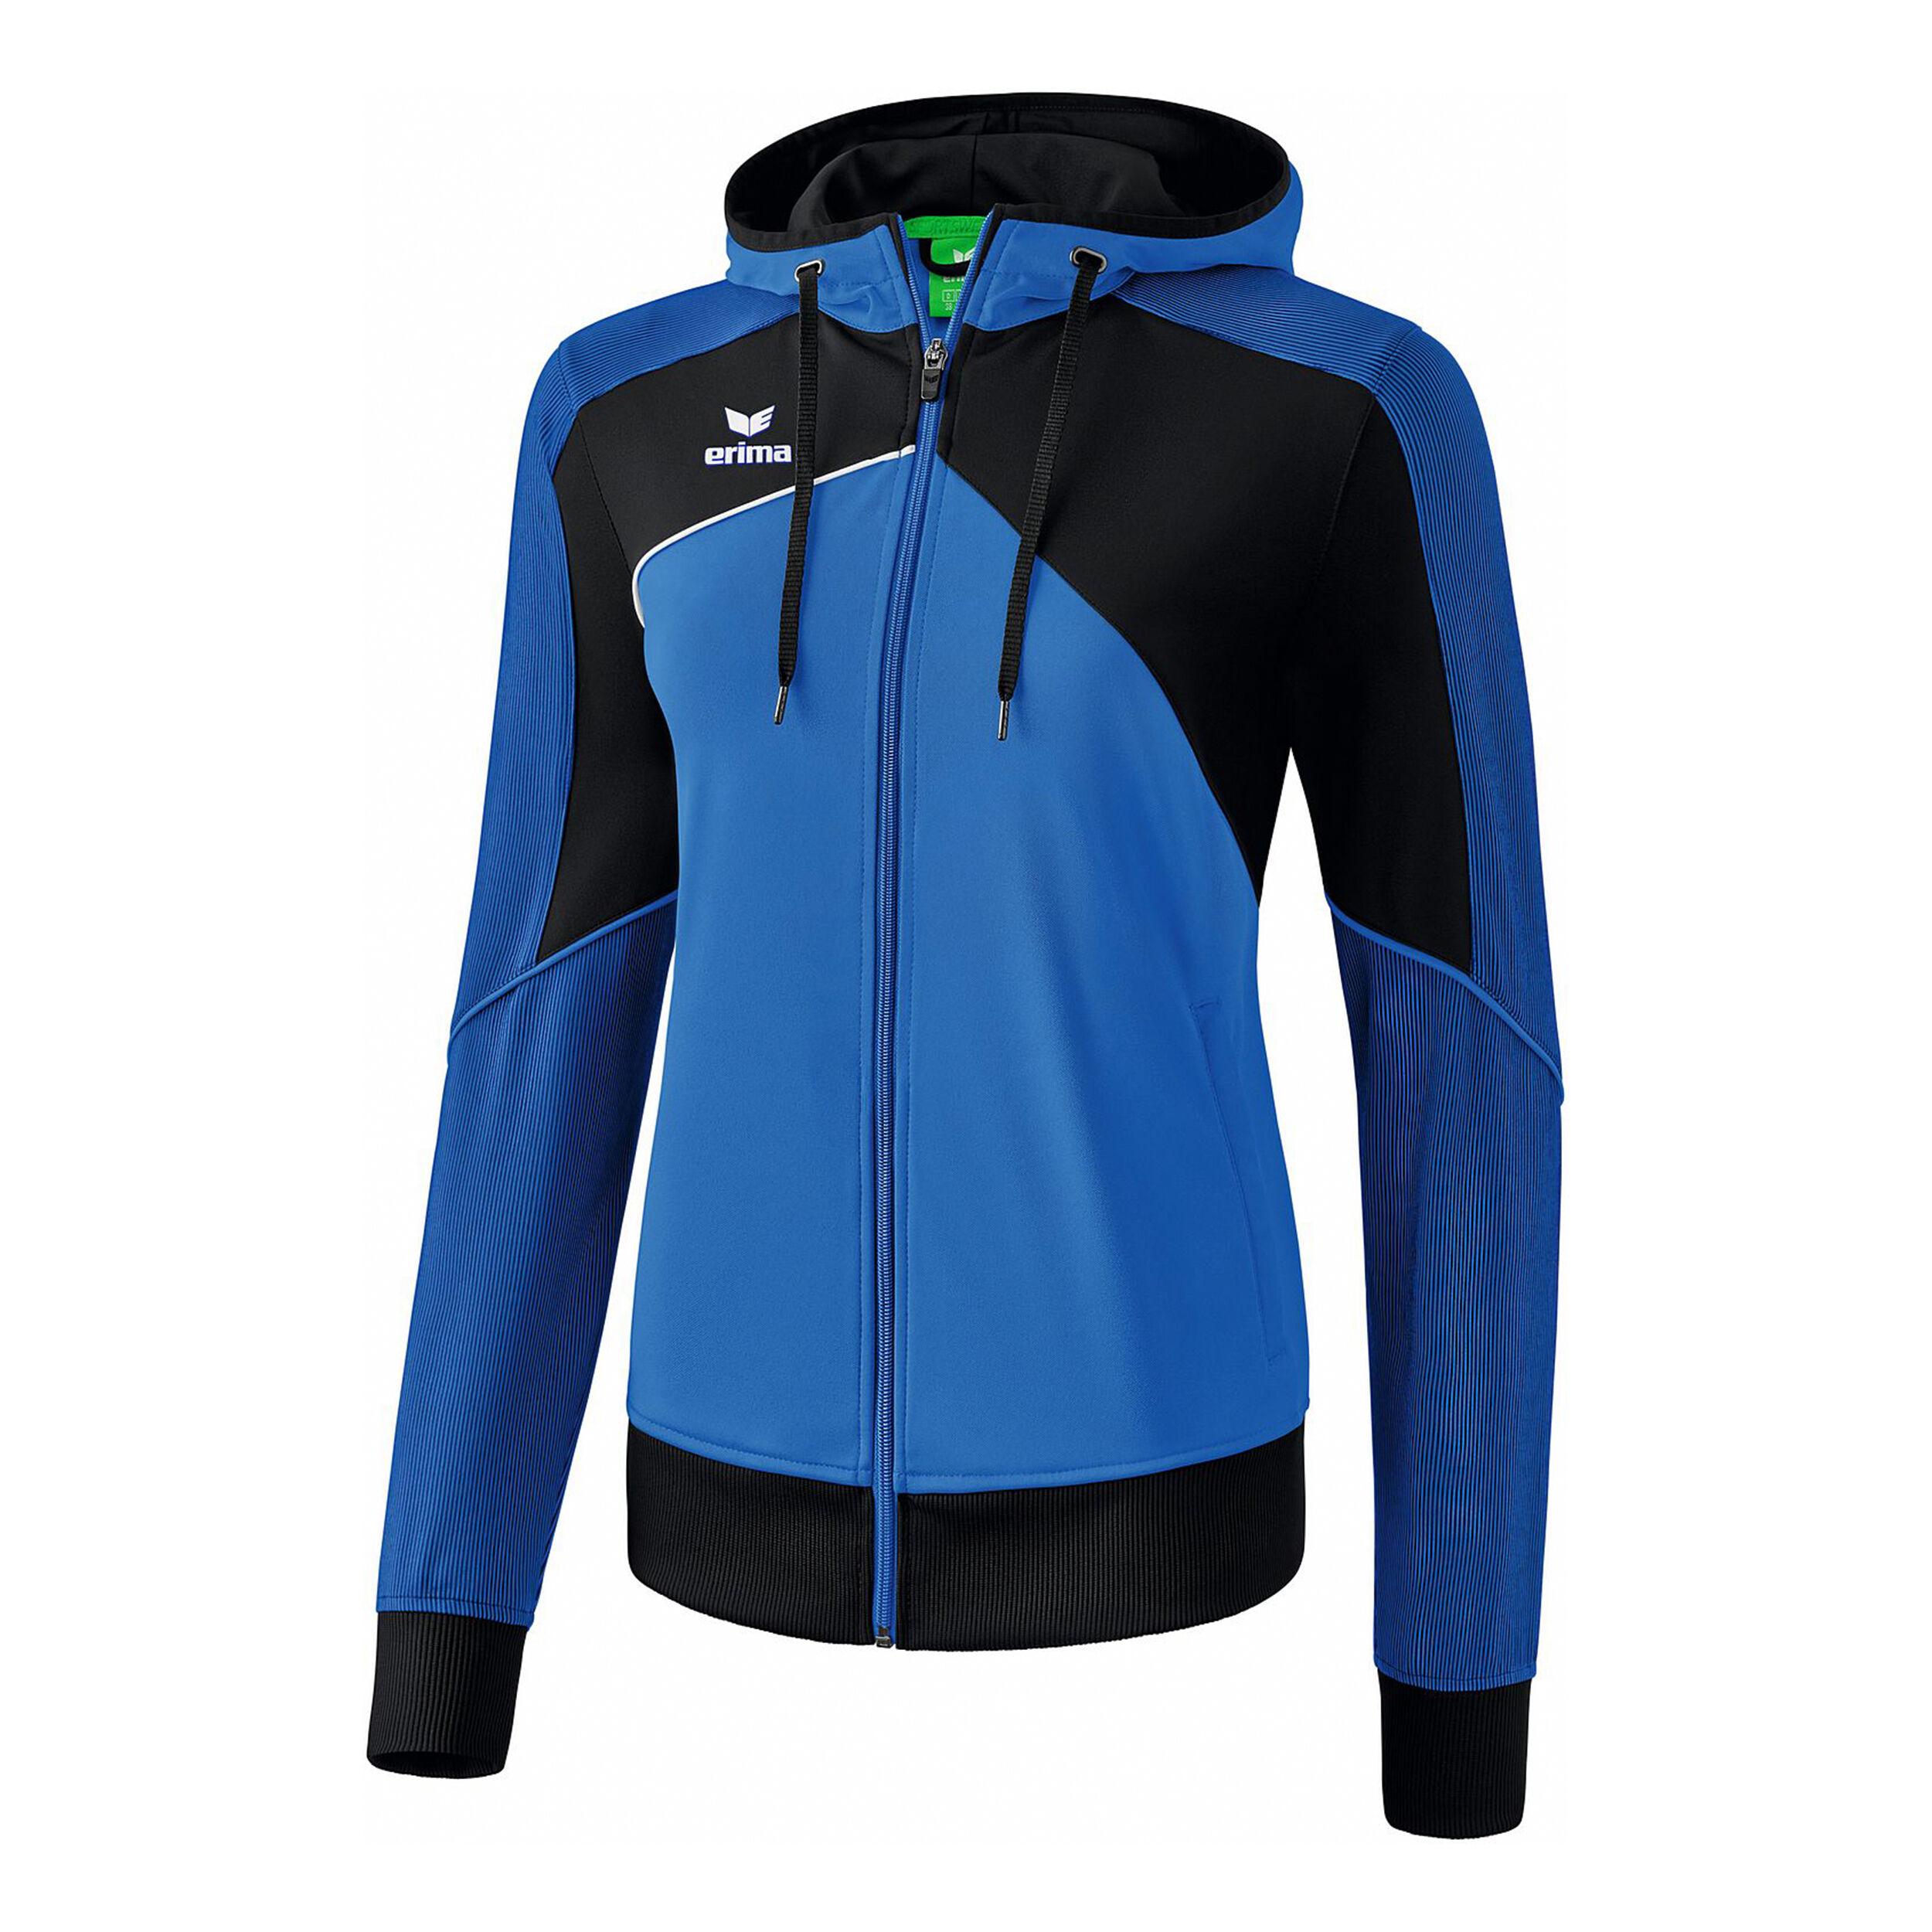 Erima Premium One 2.0 Trainingsjacke Damen Blau, Schwarz